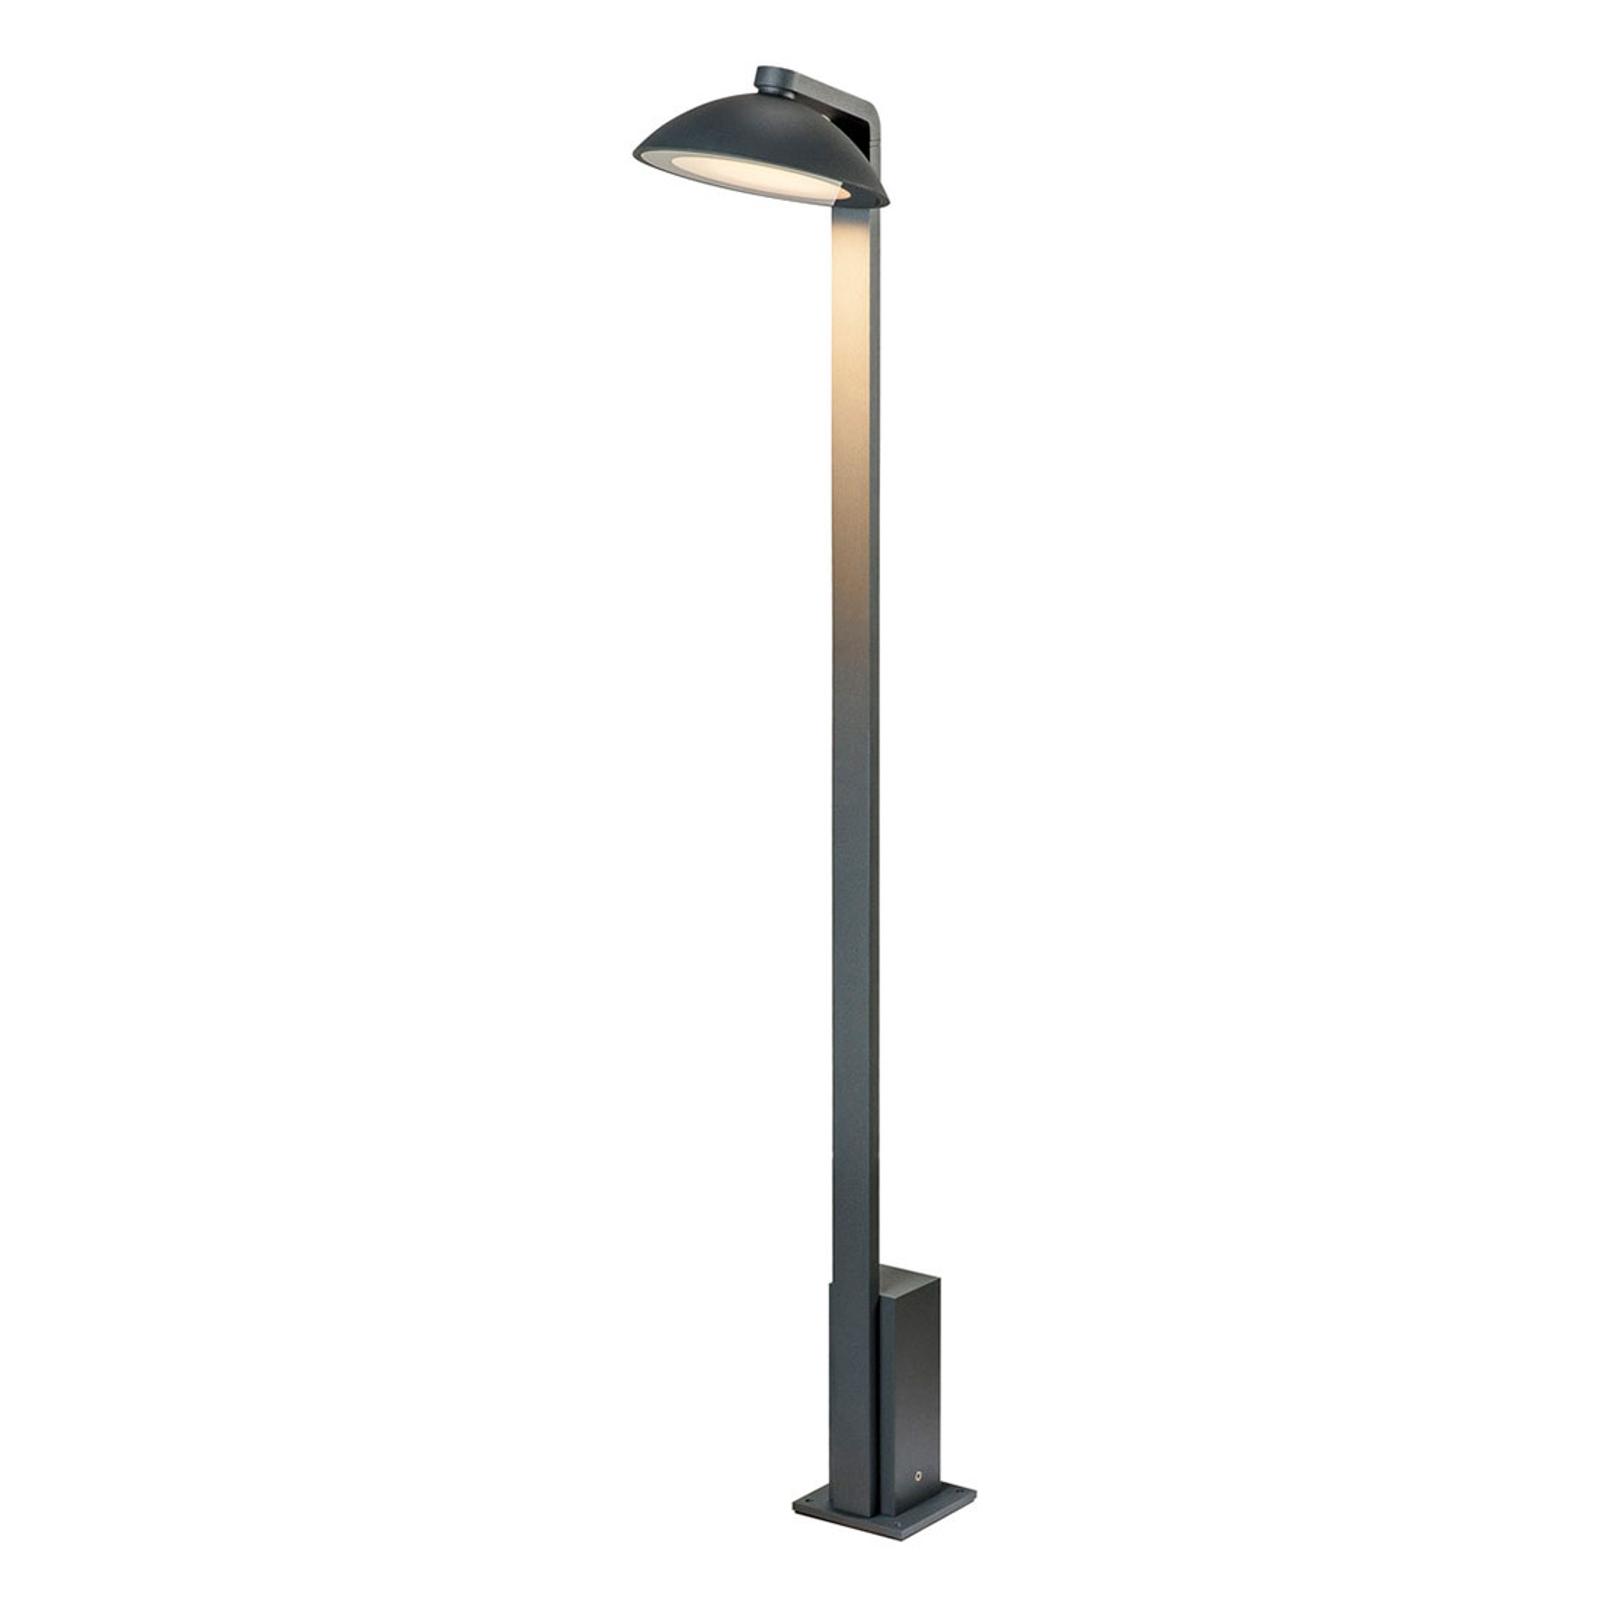 SLV Malu słupek ogrodowy LED, wysokość 96 cm, IP55